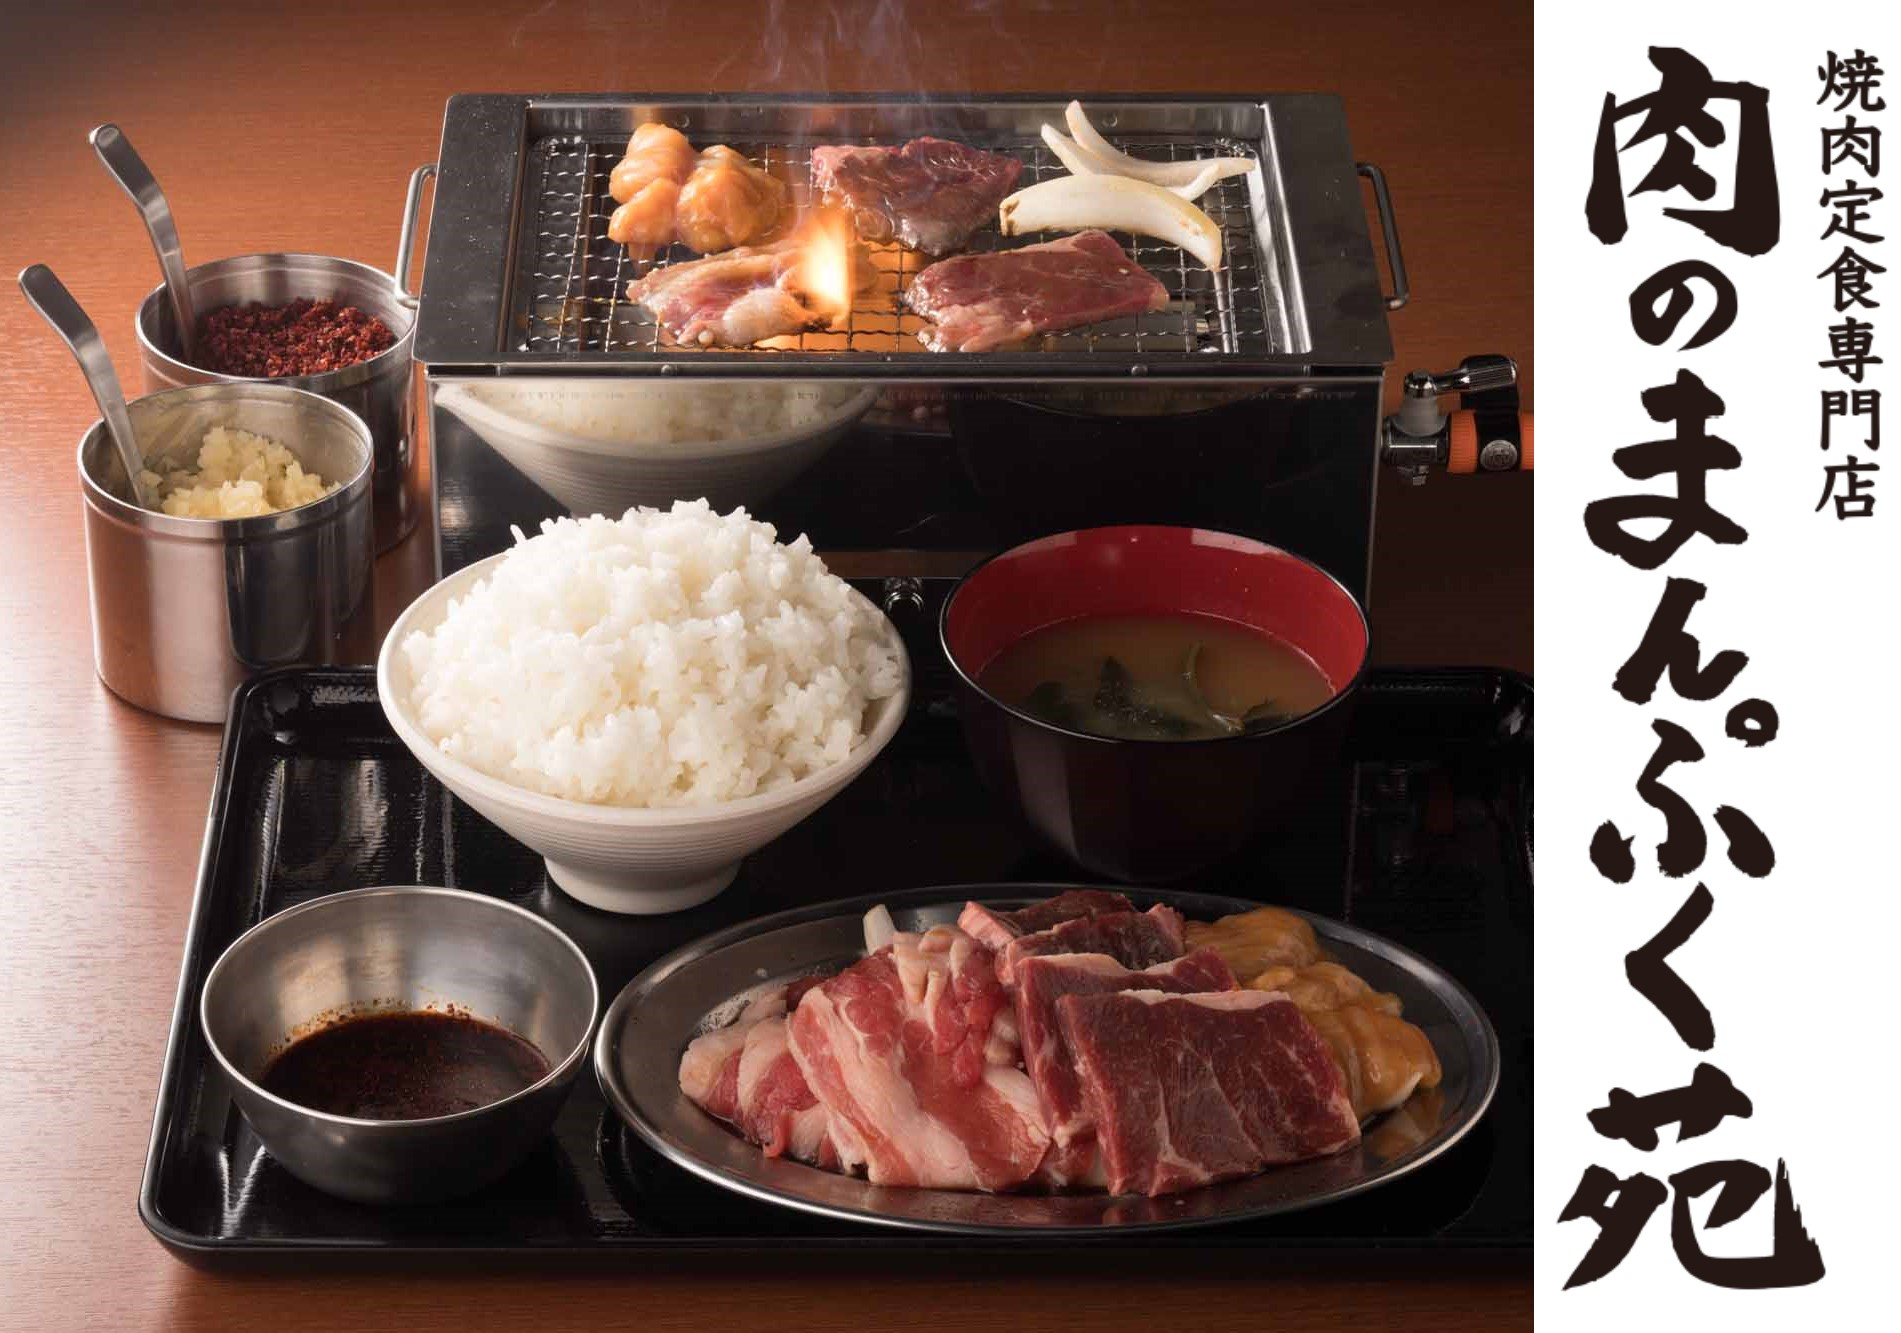 肉のまんぷく苑 蒲田西口店